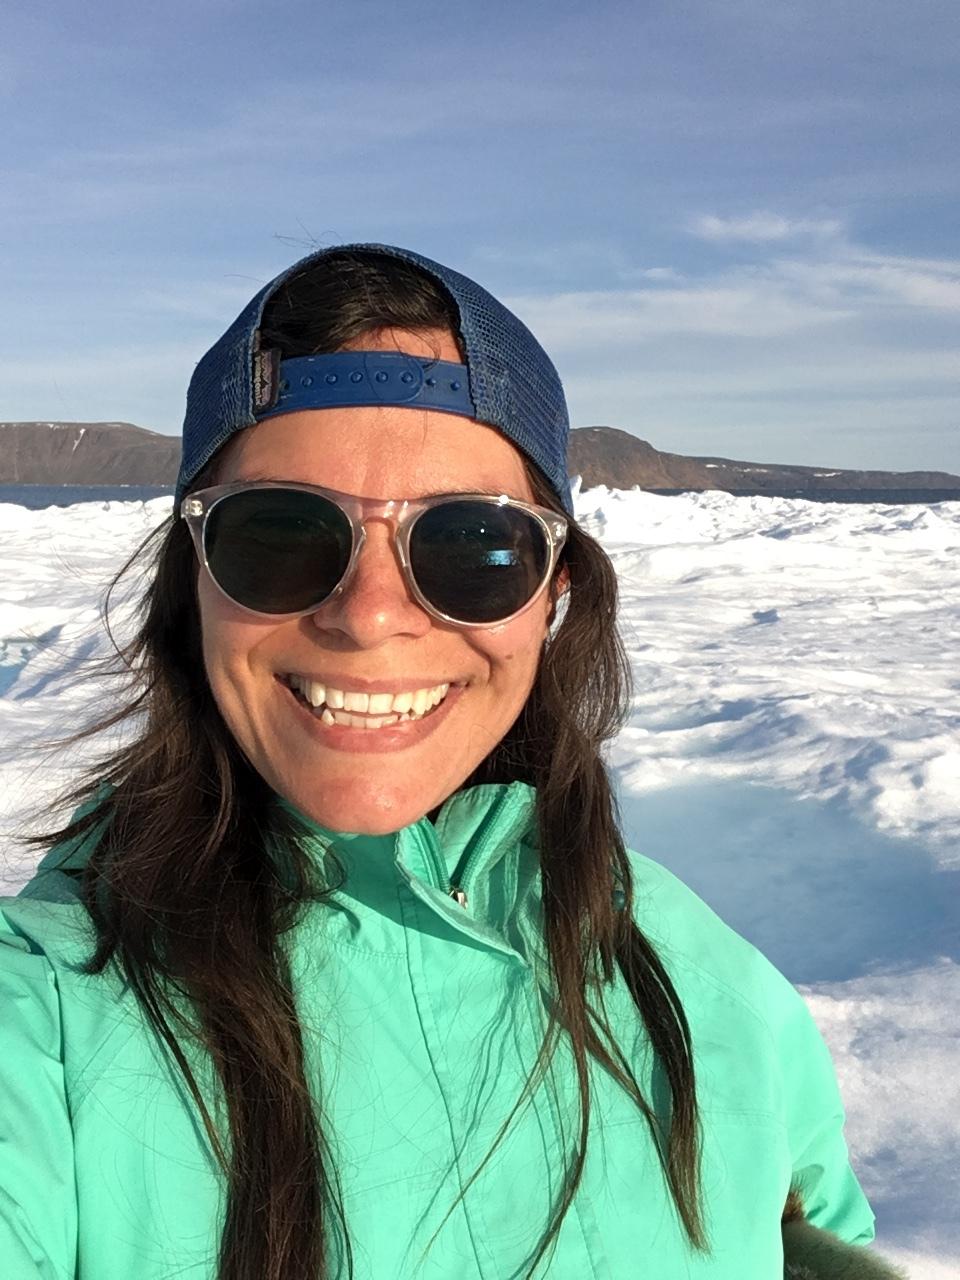 Madelynn Slade on an iceberg in the Arctic Ocean